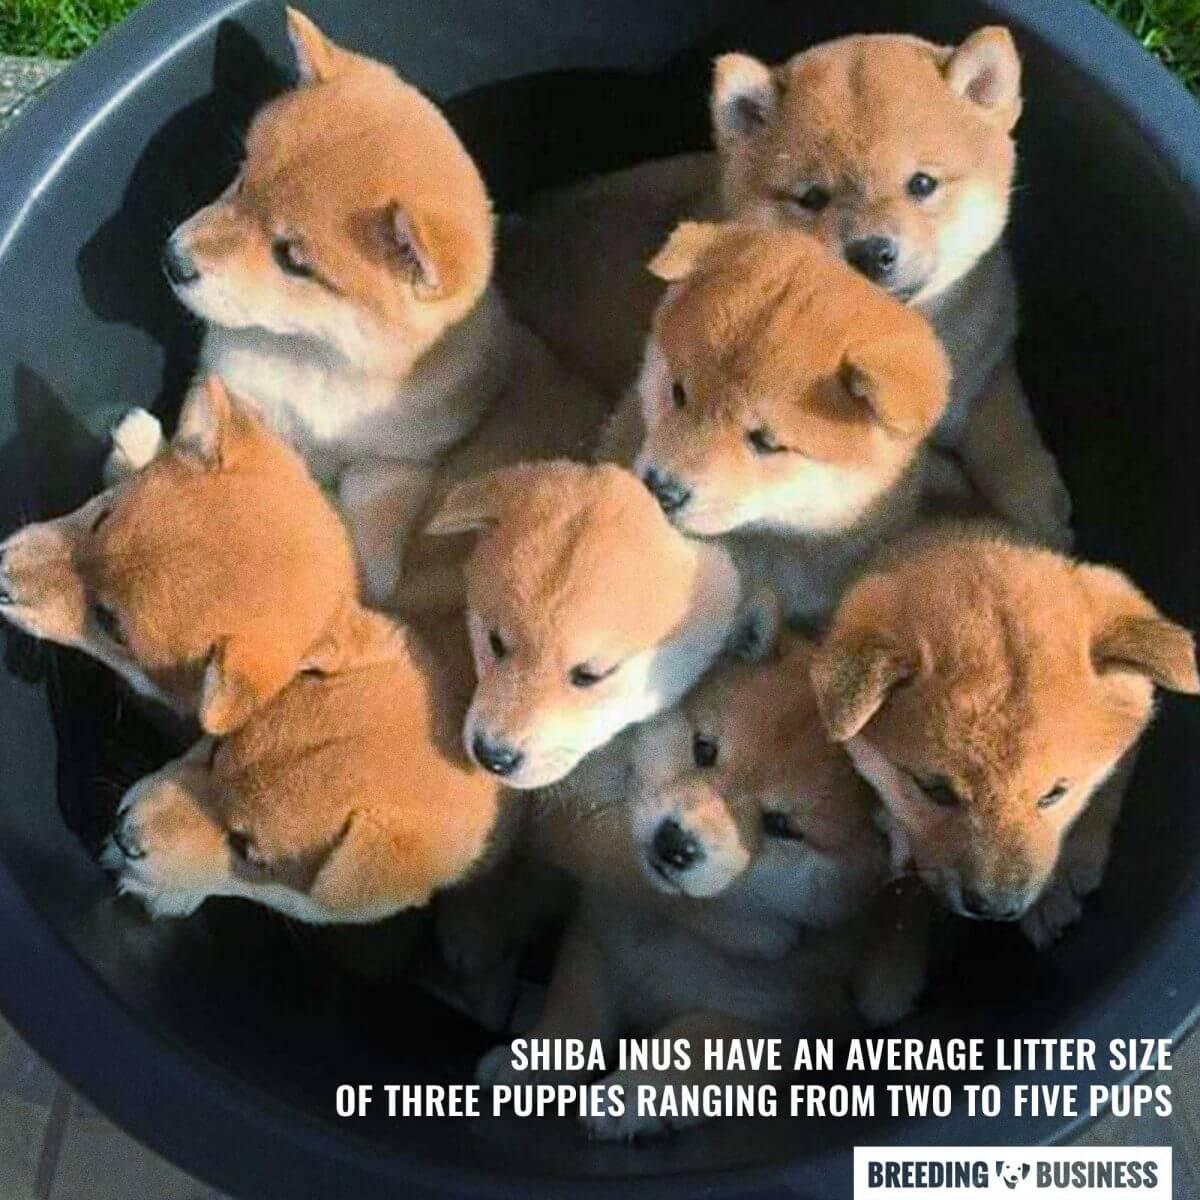 shiba inu puppy litter size